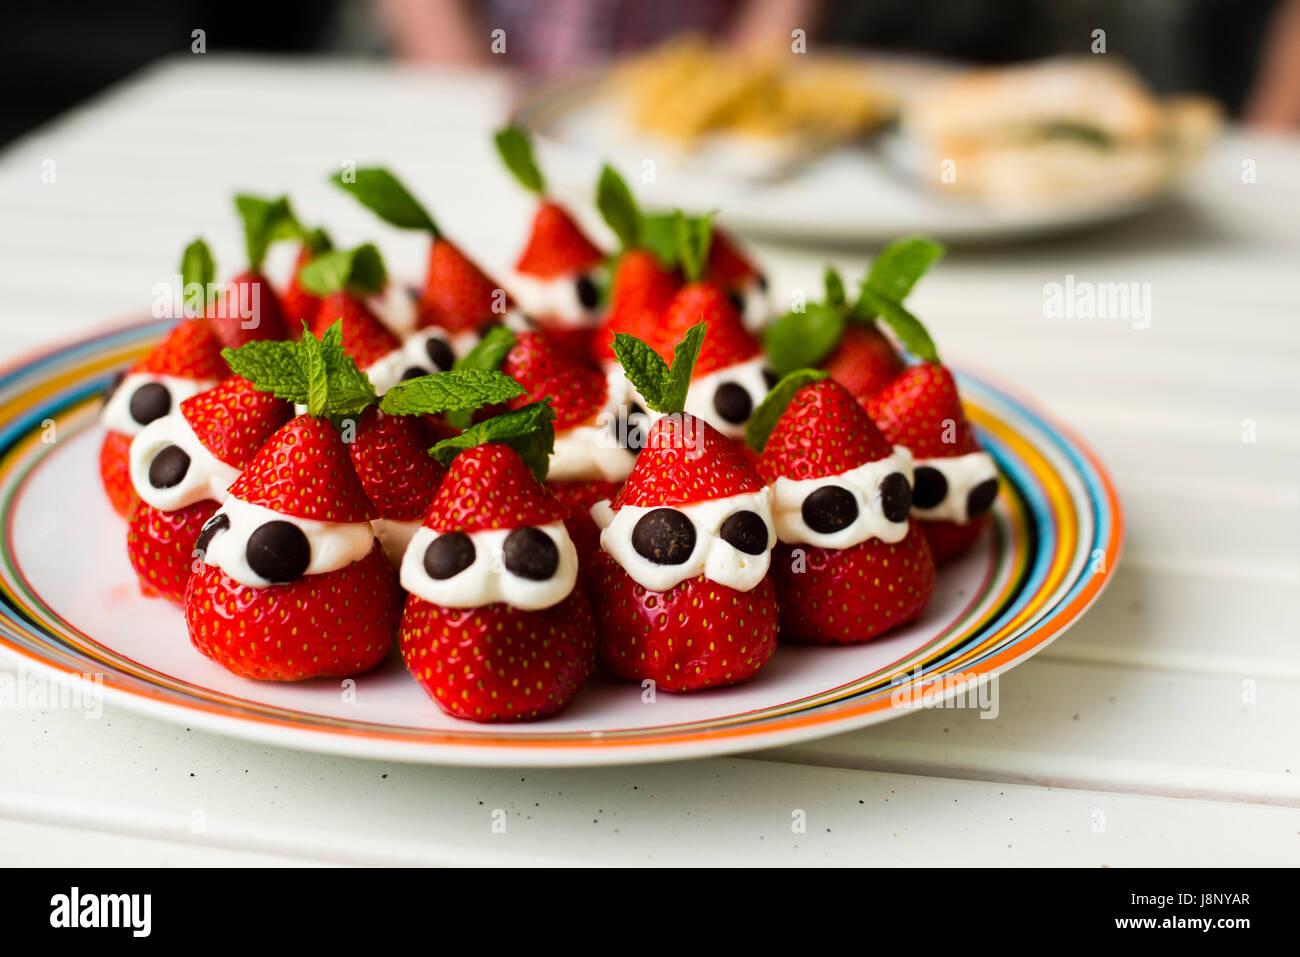 Les fraises sur la plaque Banque D'Images